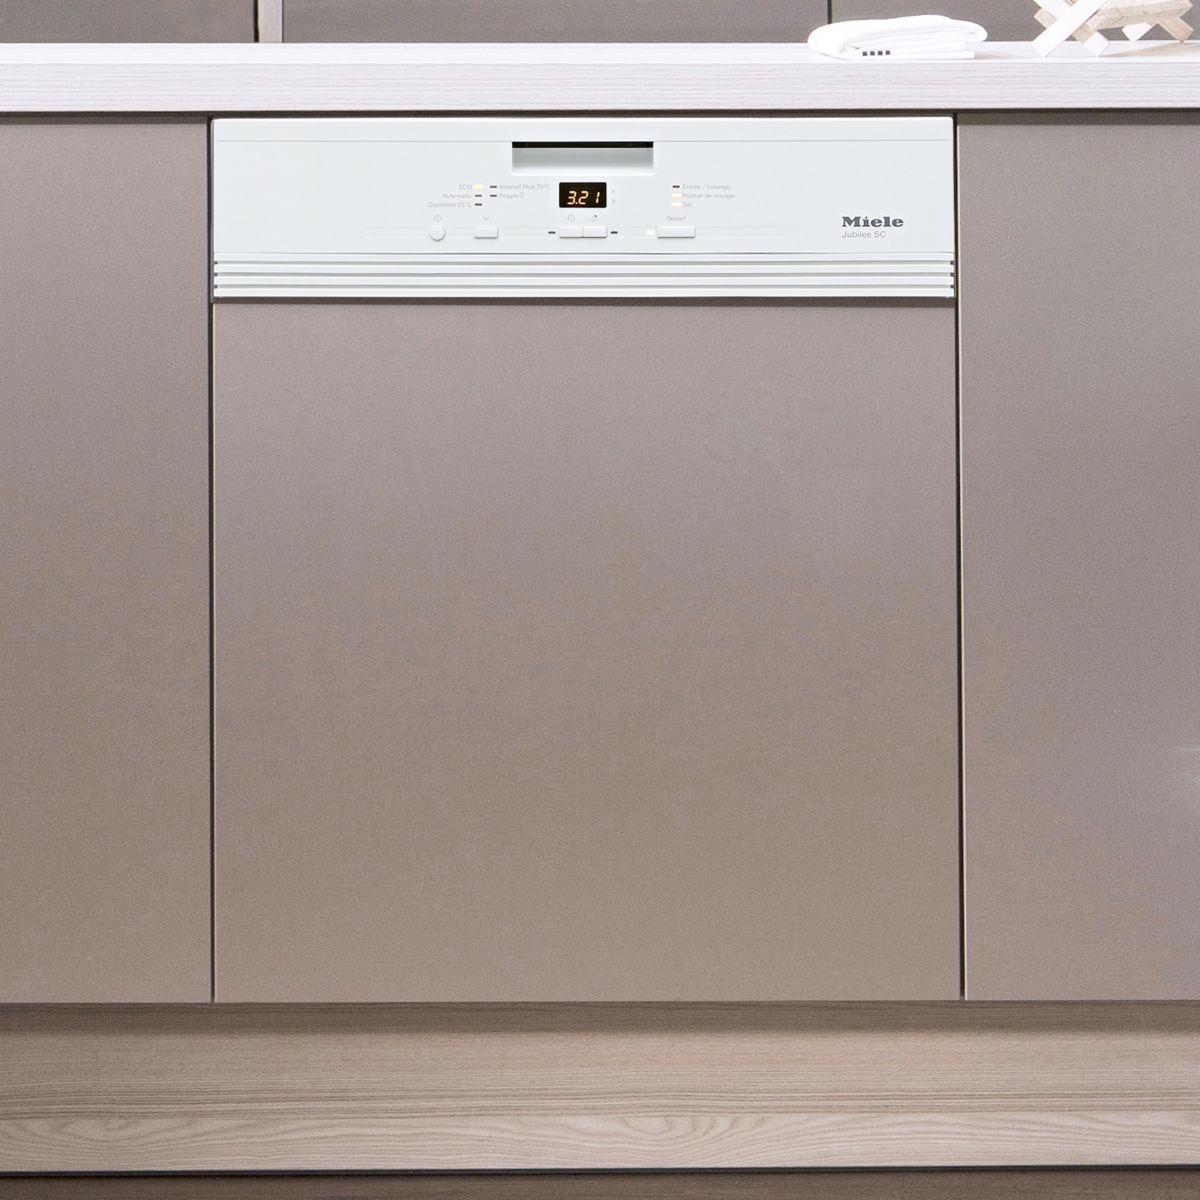 Lave Vaisselle G 4942 Sci Bb Lave Vaisselle Encastrable Lave